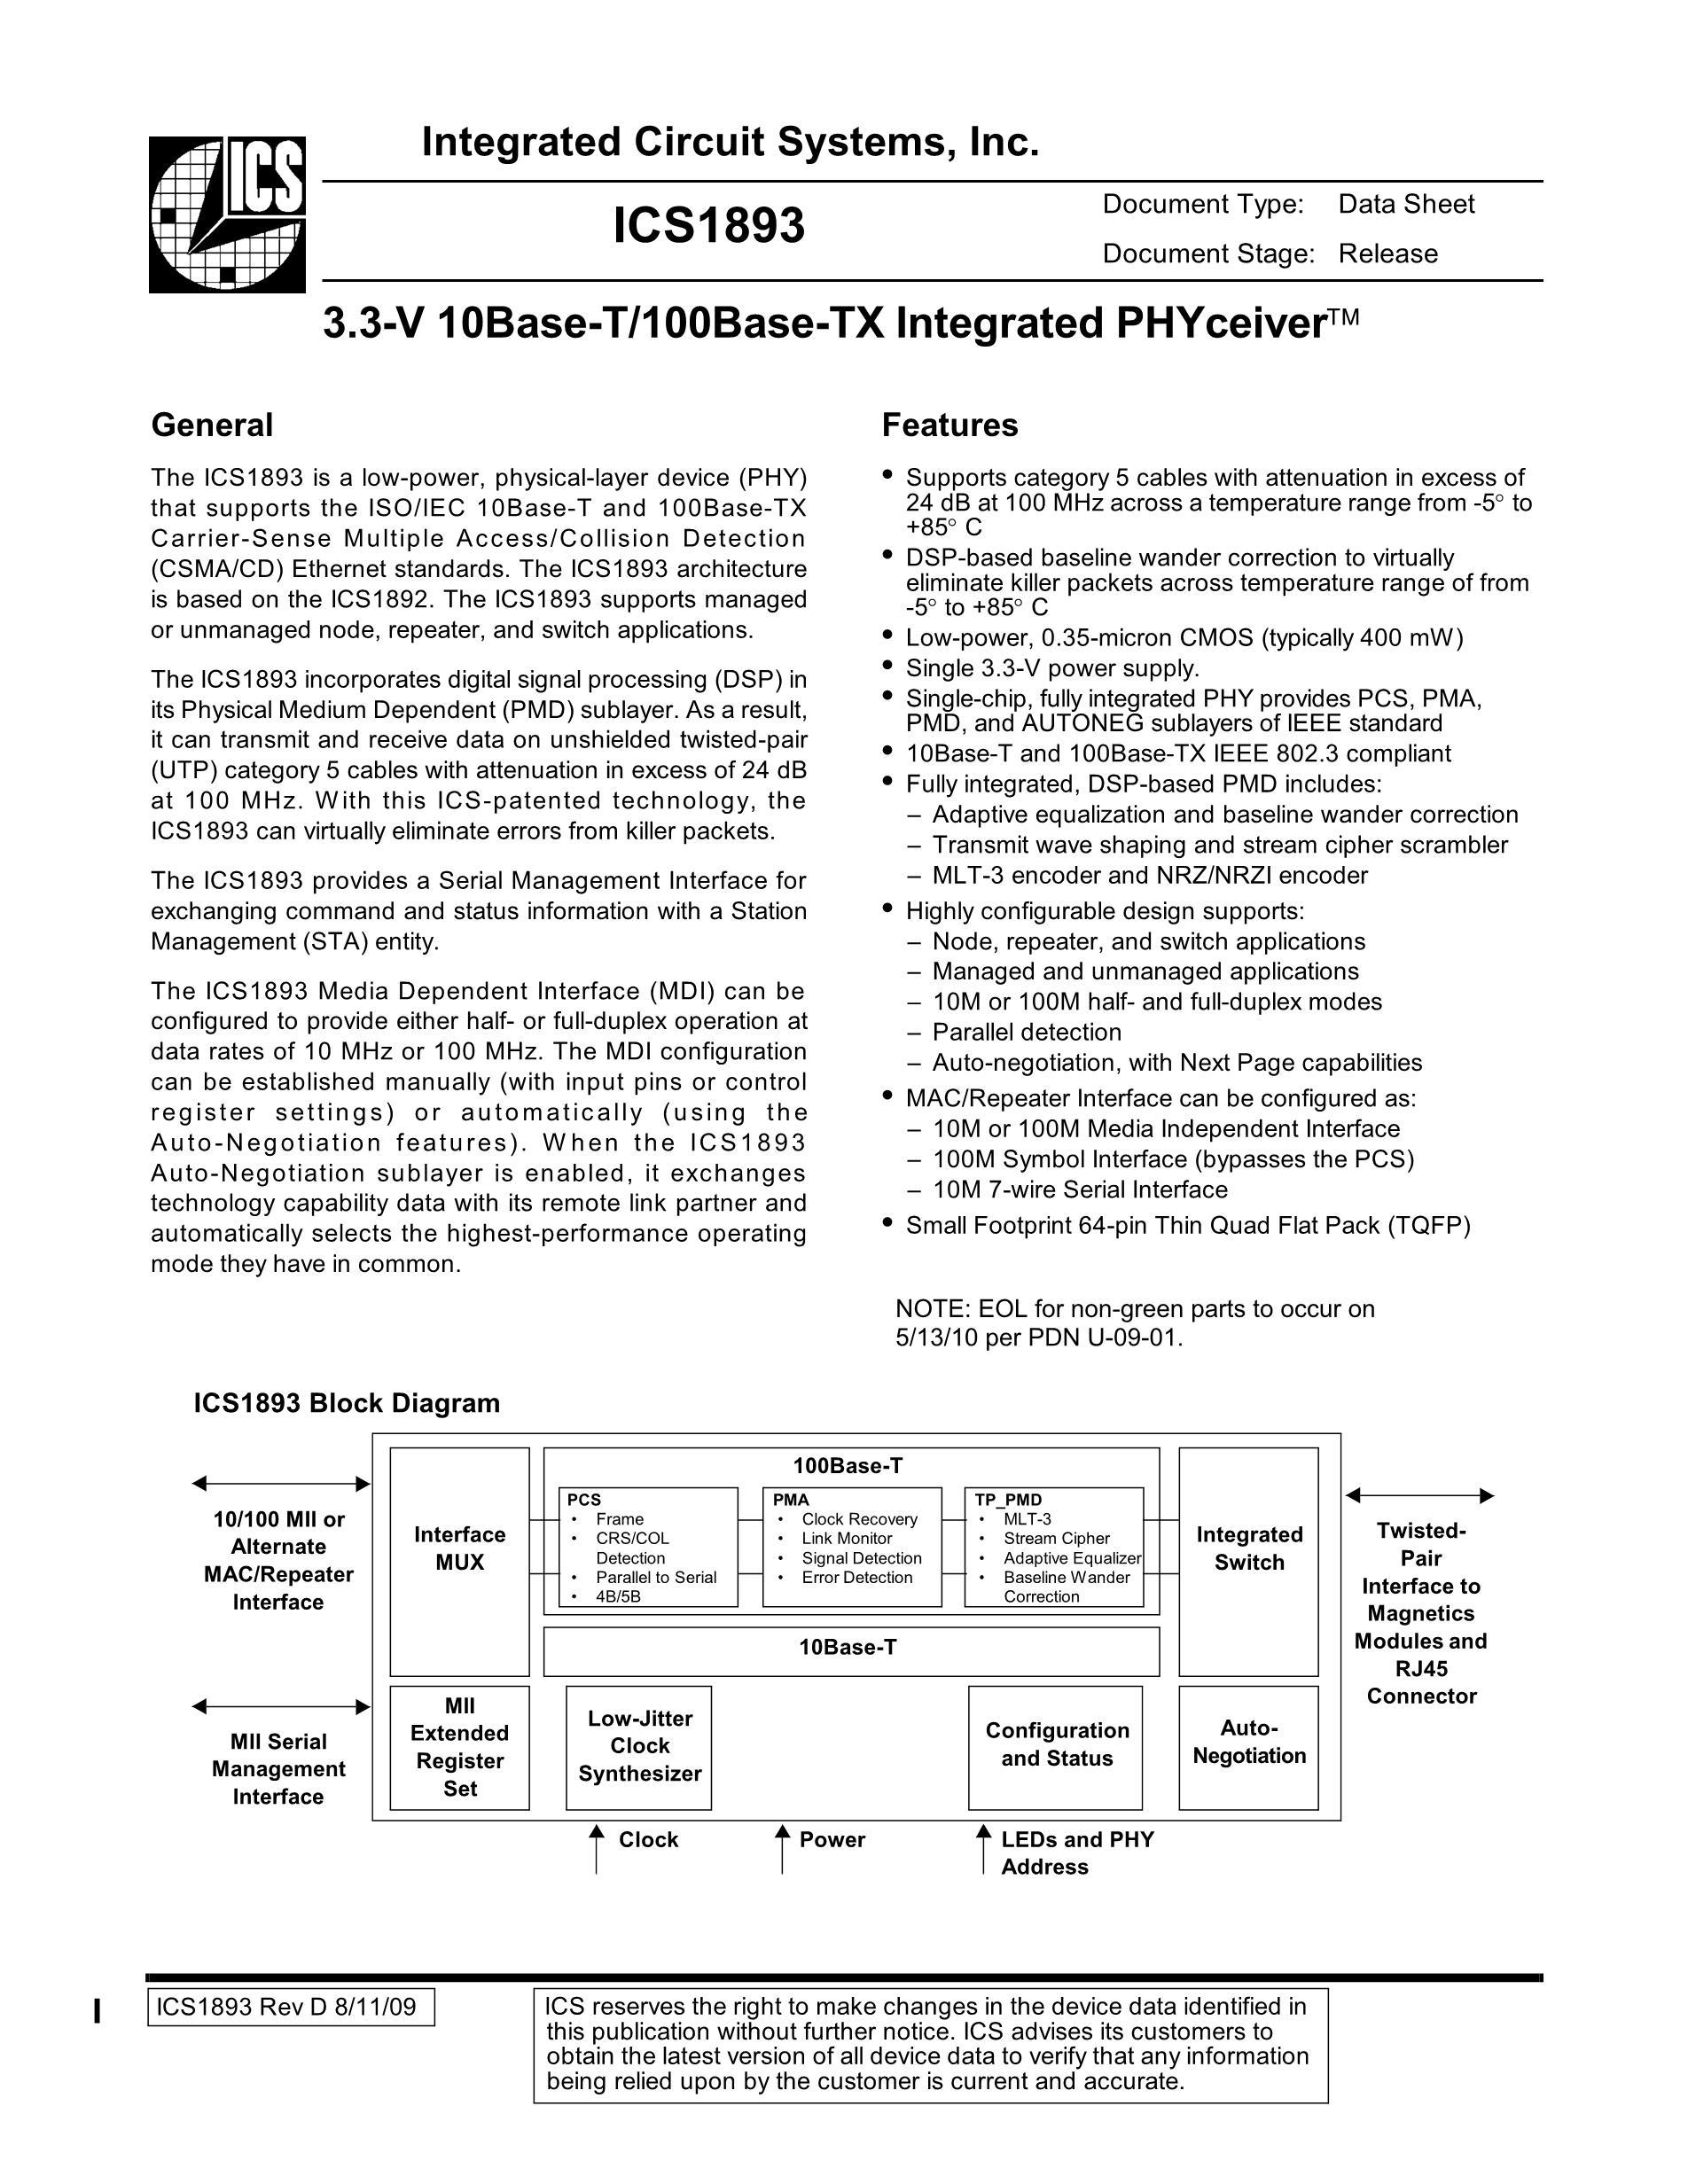 ICS1893BFI's pdf picture 1